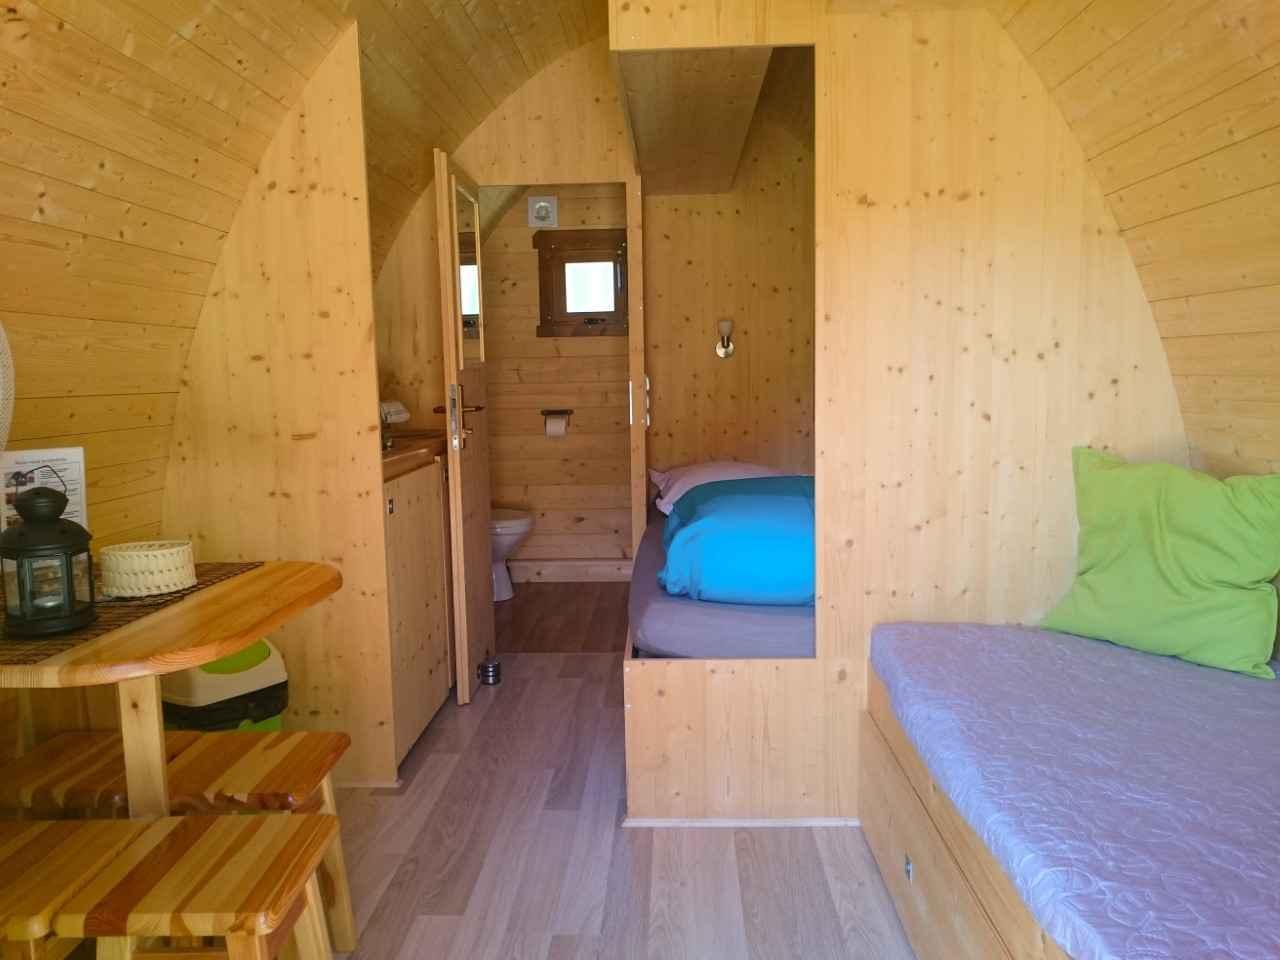 cabane foresti re cabane au sol lodge en centre cabanes de france. Black Bedroom Furniture Sets. Home Design Ideas